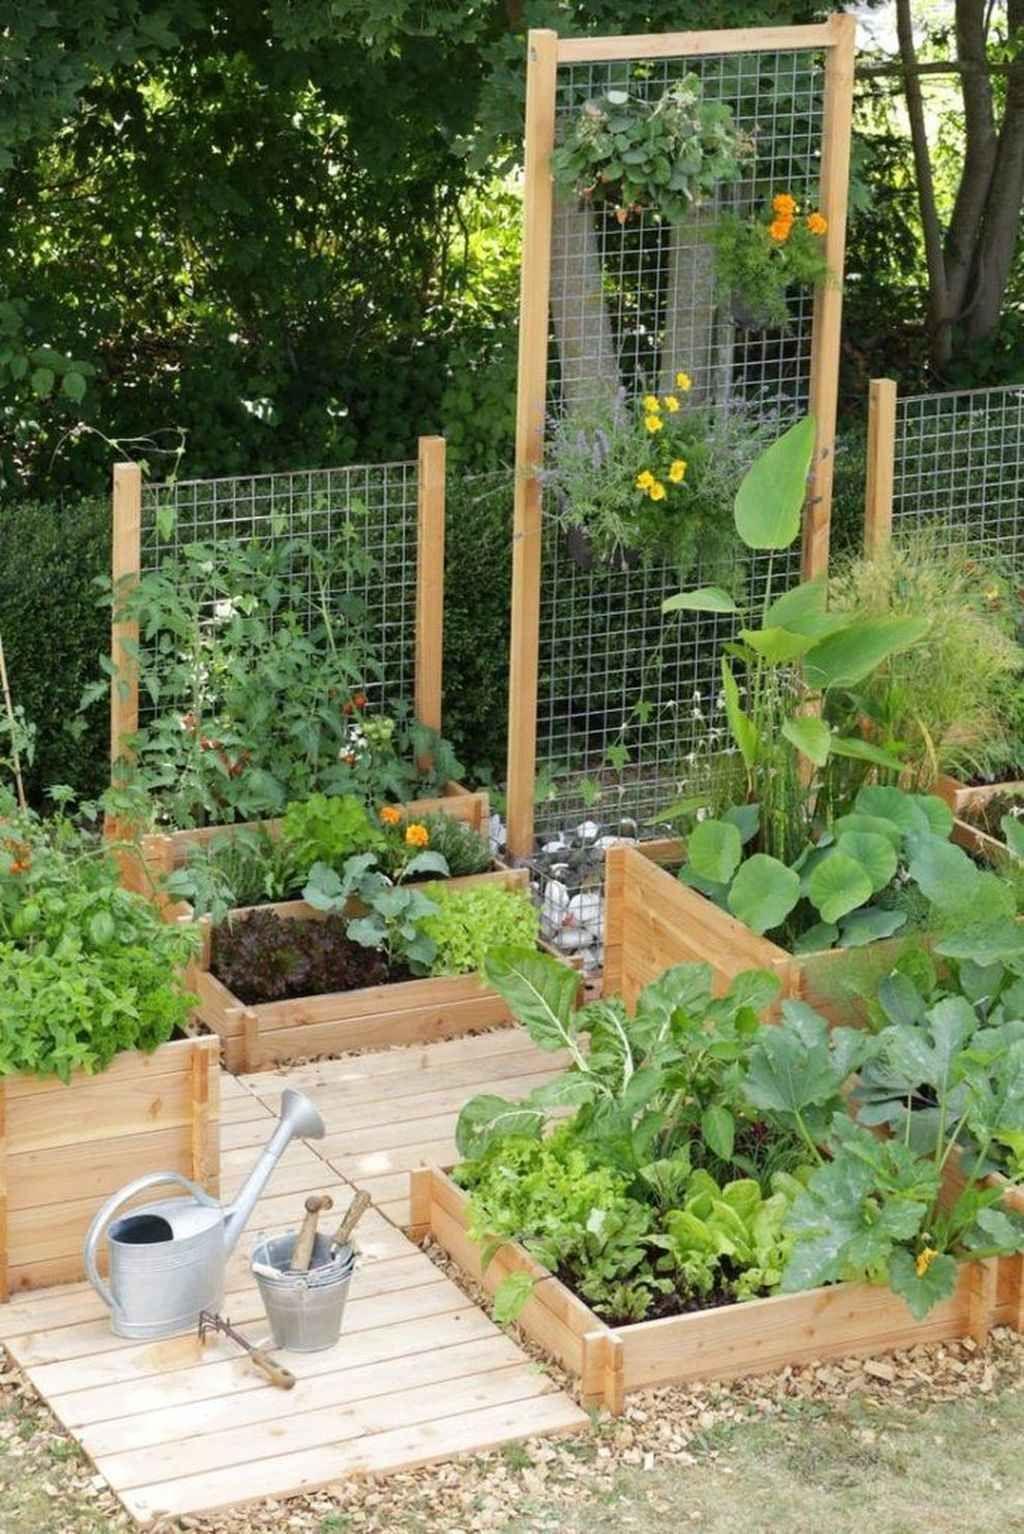 75 Awesome Backyard Vegetable Garden Design Ideas Diy Garden Trellis Diy Raised Garden Small Vegetable Gardens